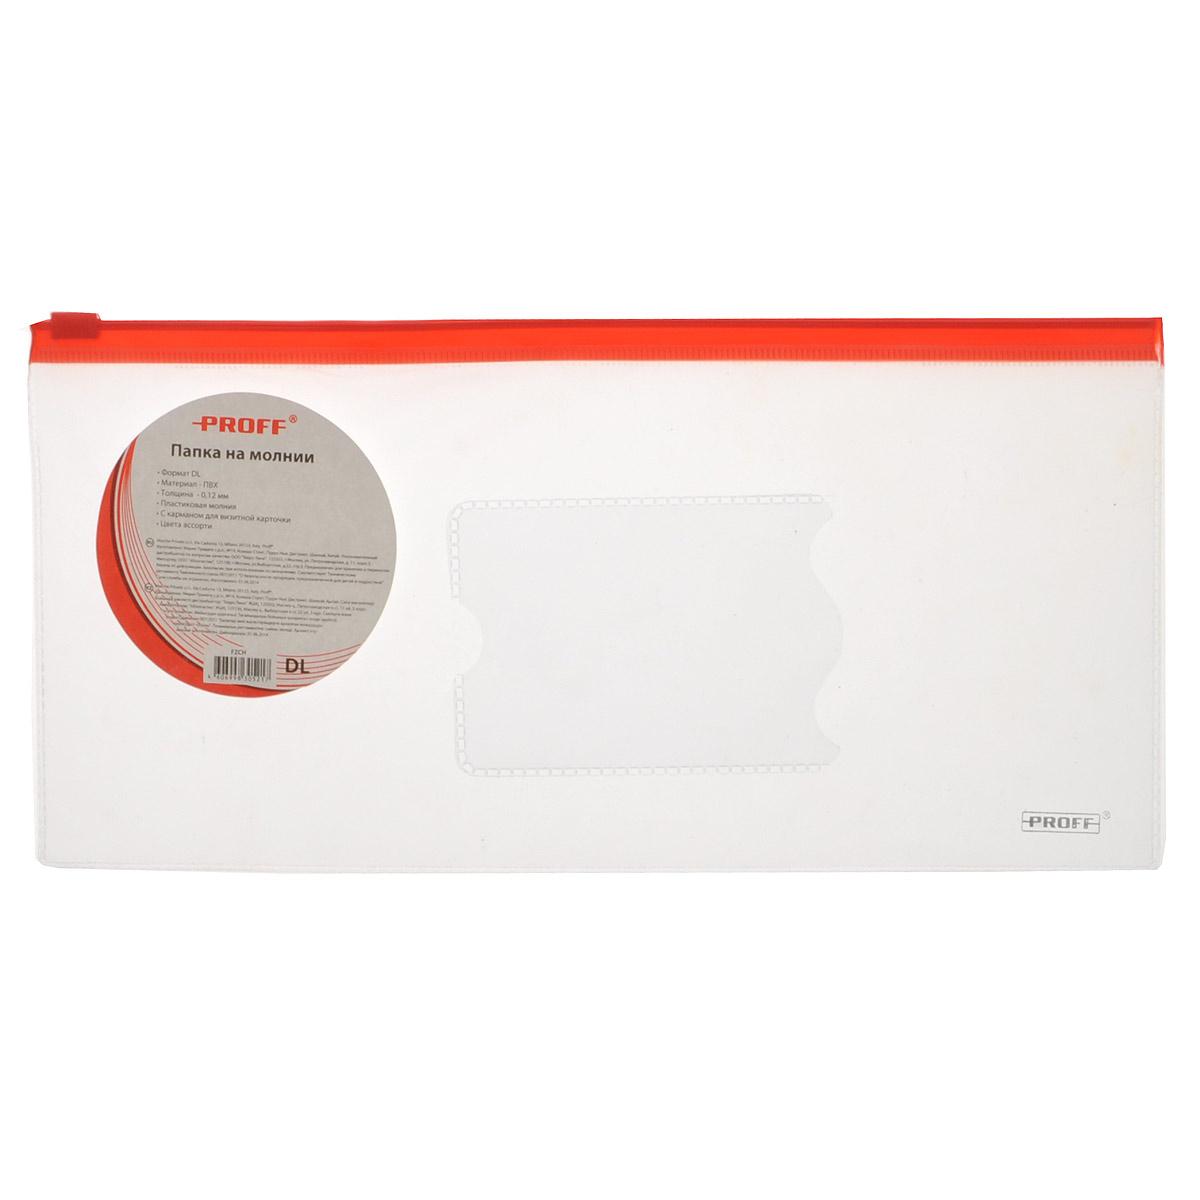 Папка на молнии Proff, 26 см х 12,5 смFZCHПапка Proff - это удобный и функциональный инструмент, который идеально подойдет для хранения различных письменных принадлежностей. Папка изготовлена из полипропилена и надежно закрывается на пластиковую застежку-молнию. Изделие оснащено специальным внешним карманом для визитной карточки. Такая папка практична в использовании и надежно сохранит ваши ручки и карандаши, сбережет их от повреждений, пыли и влаги.